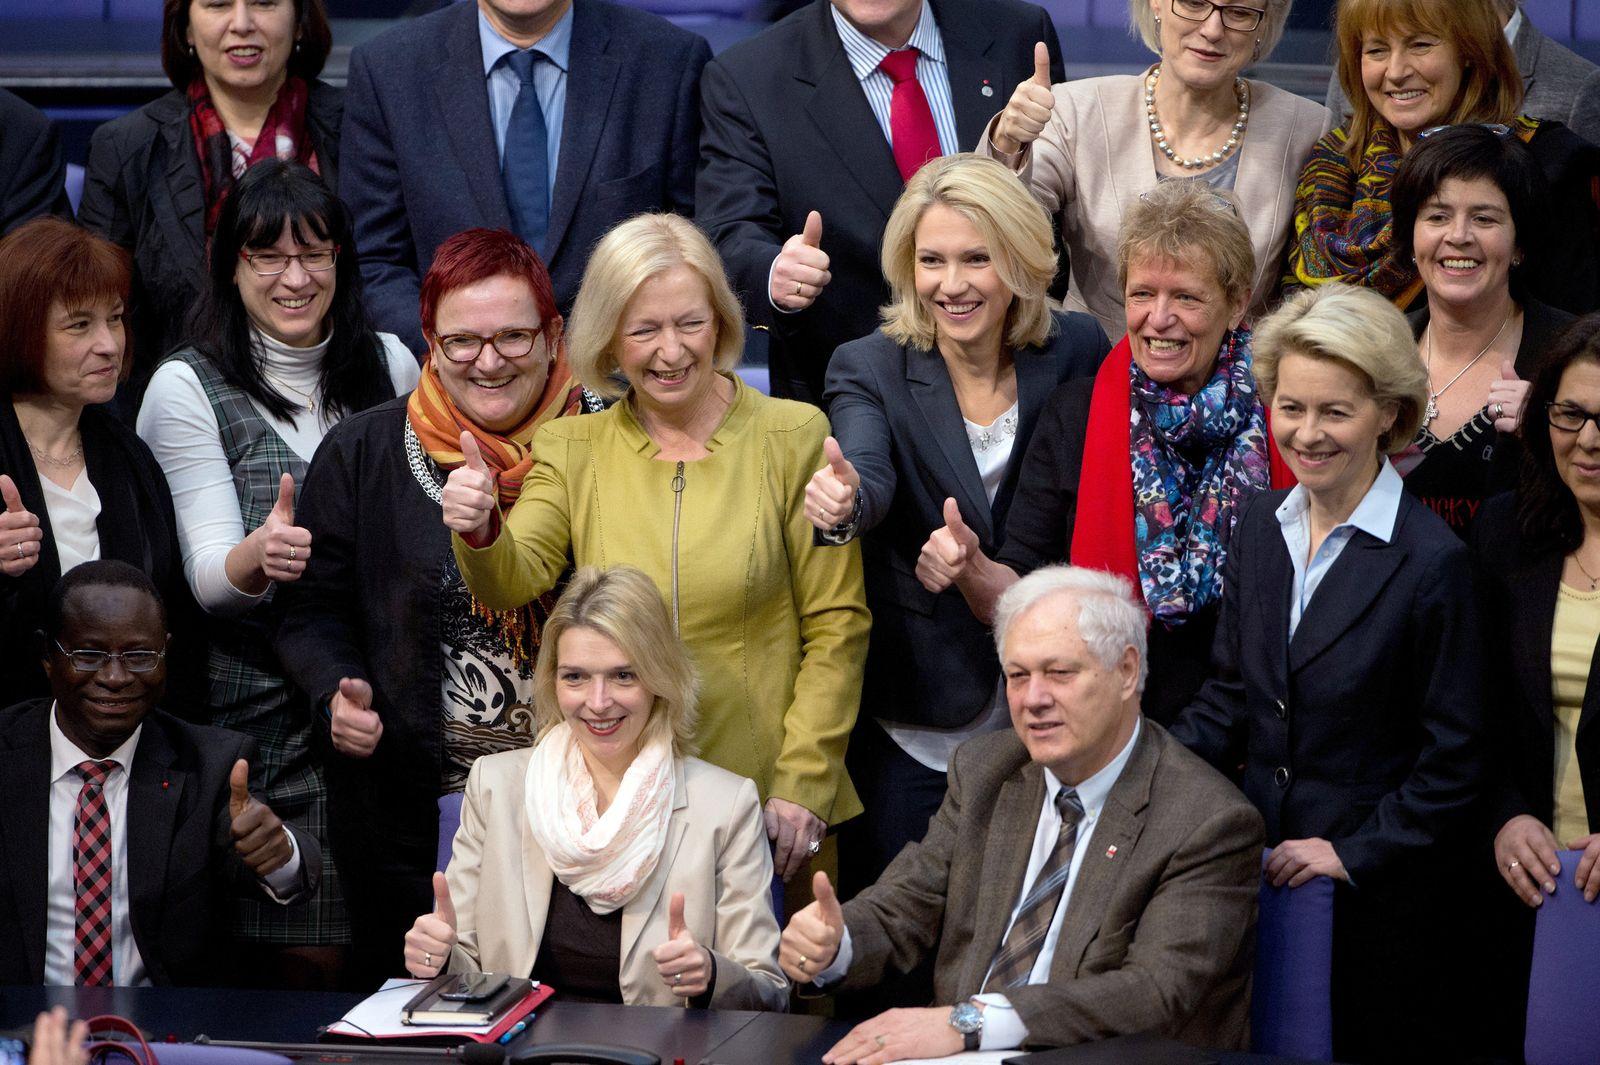 Bundestag/ Frauenquote